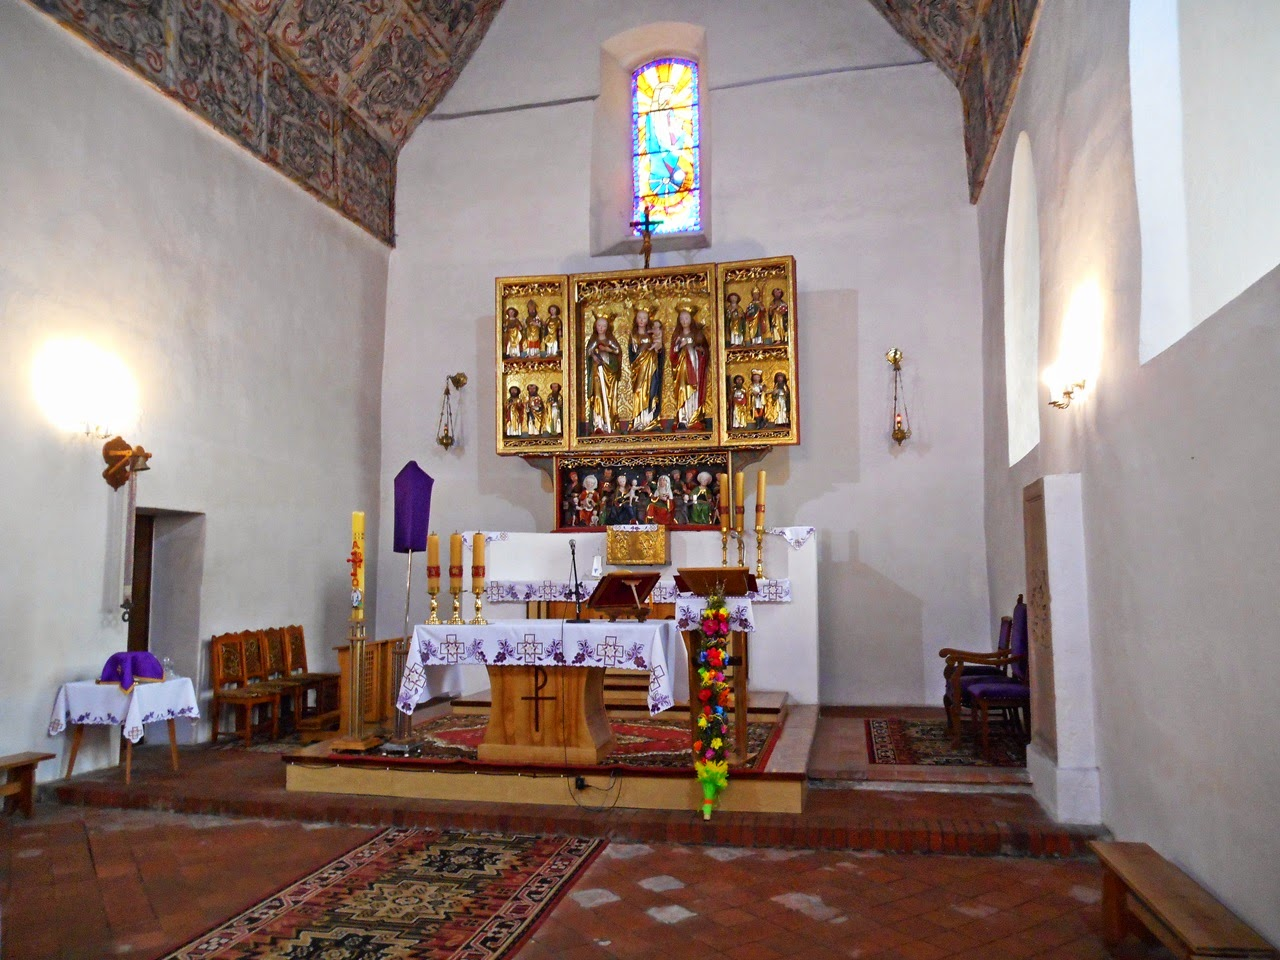 rzeźby, świeczniki, sufit, budowla sakralna